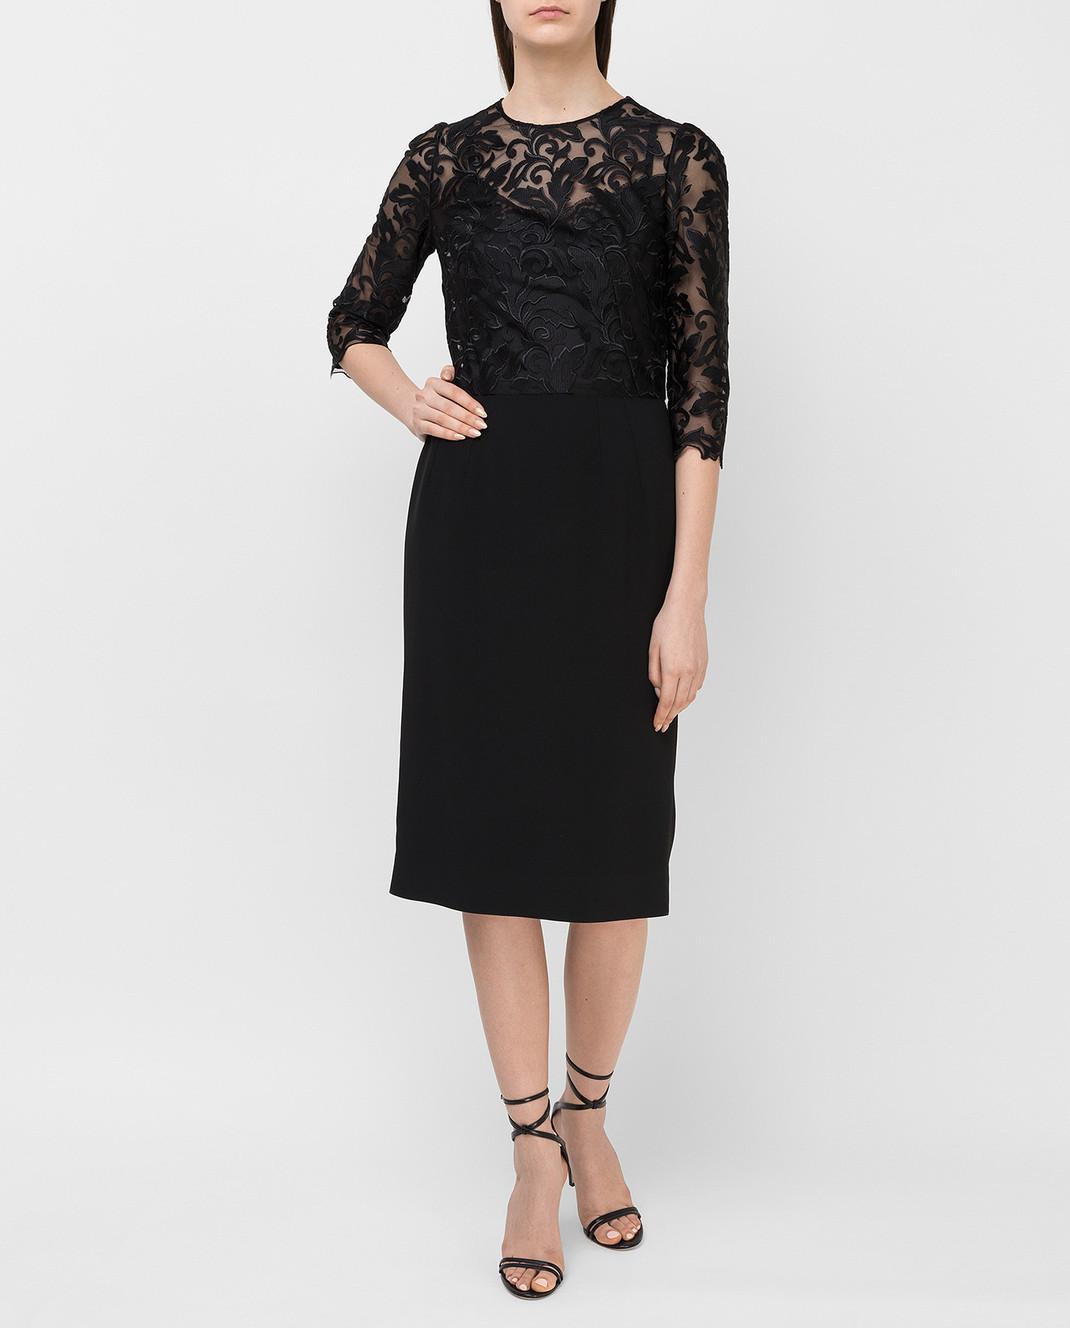 Dolce&Gabbana Черное платье F6VV0TFURDV изображение 2